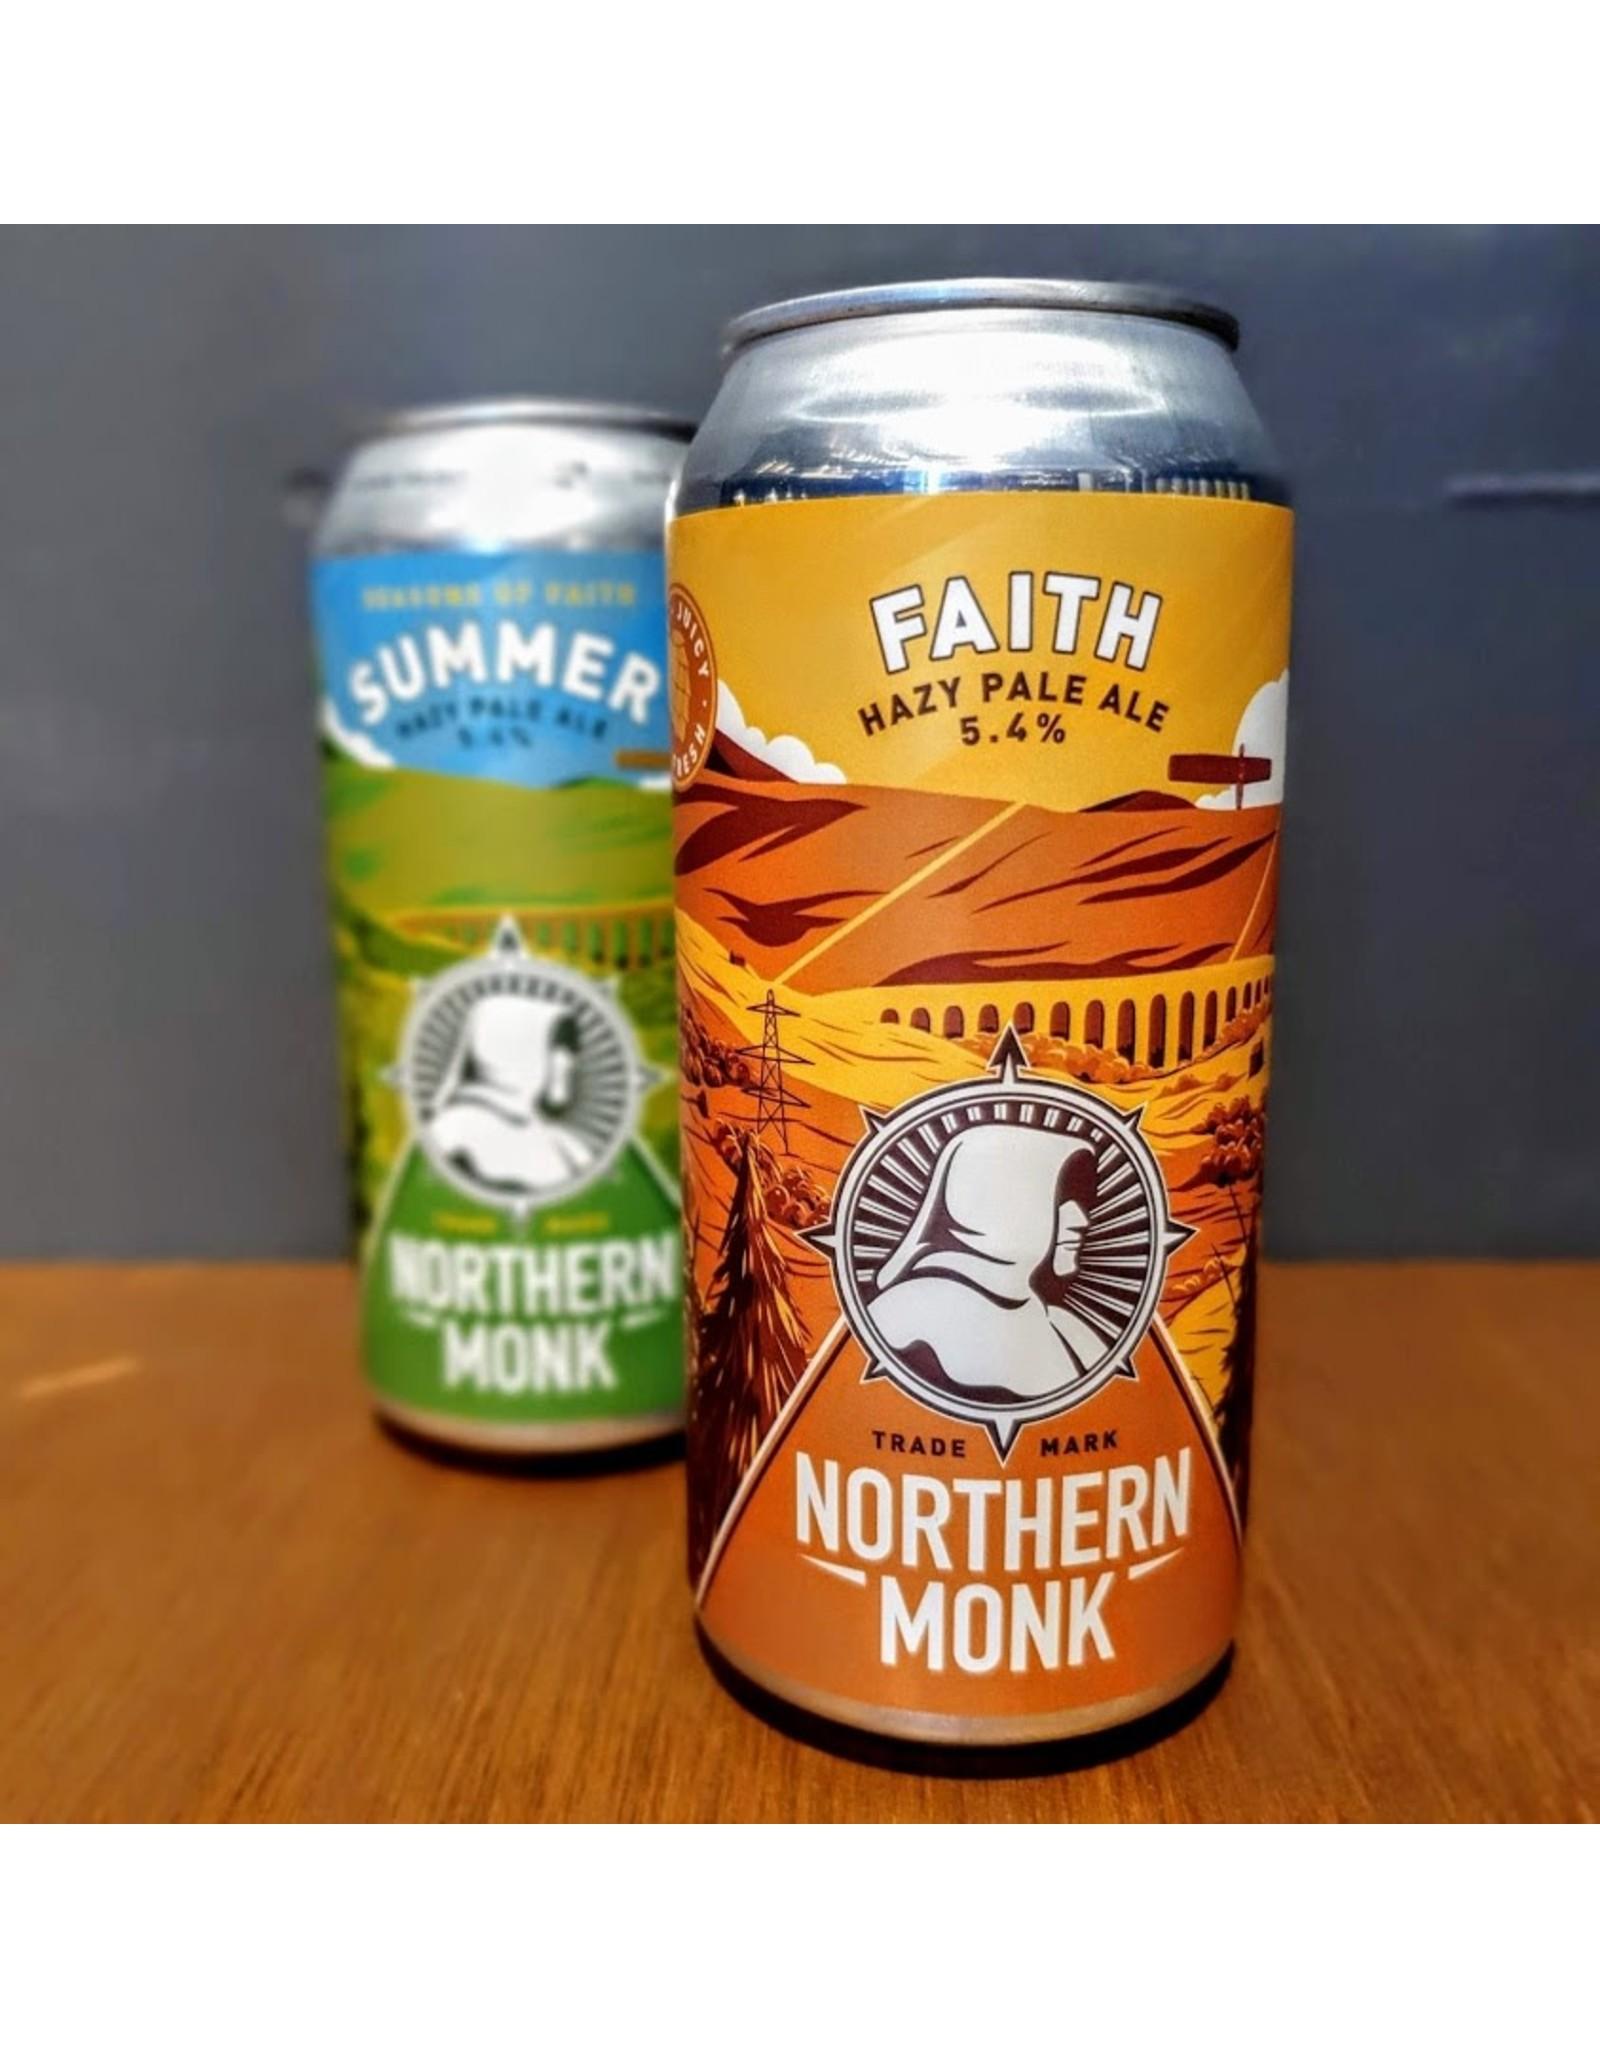 Northern Monk: Faith